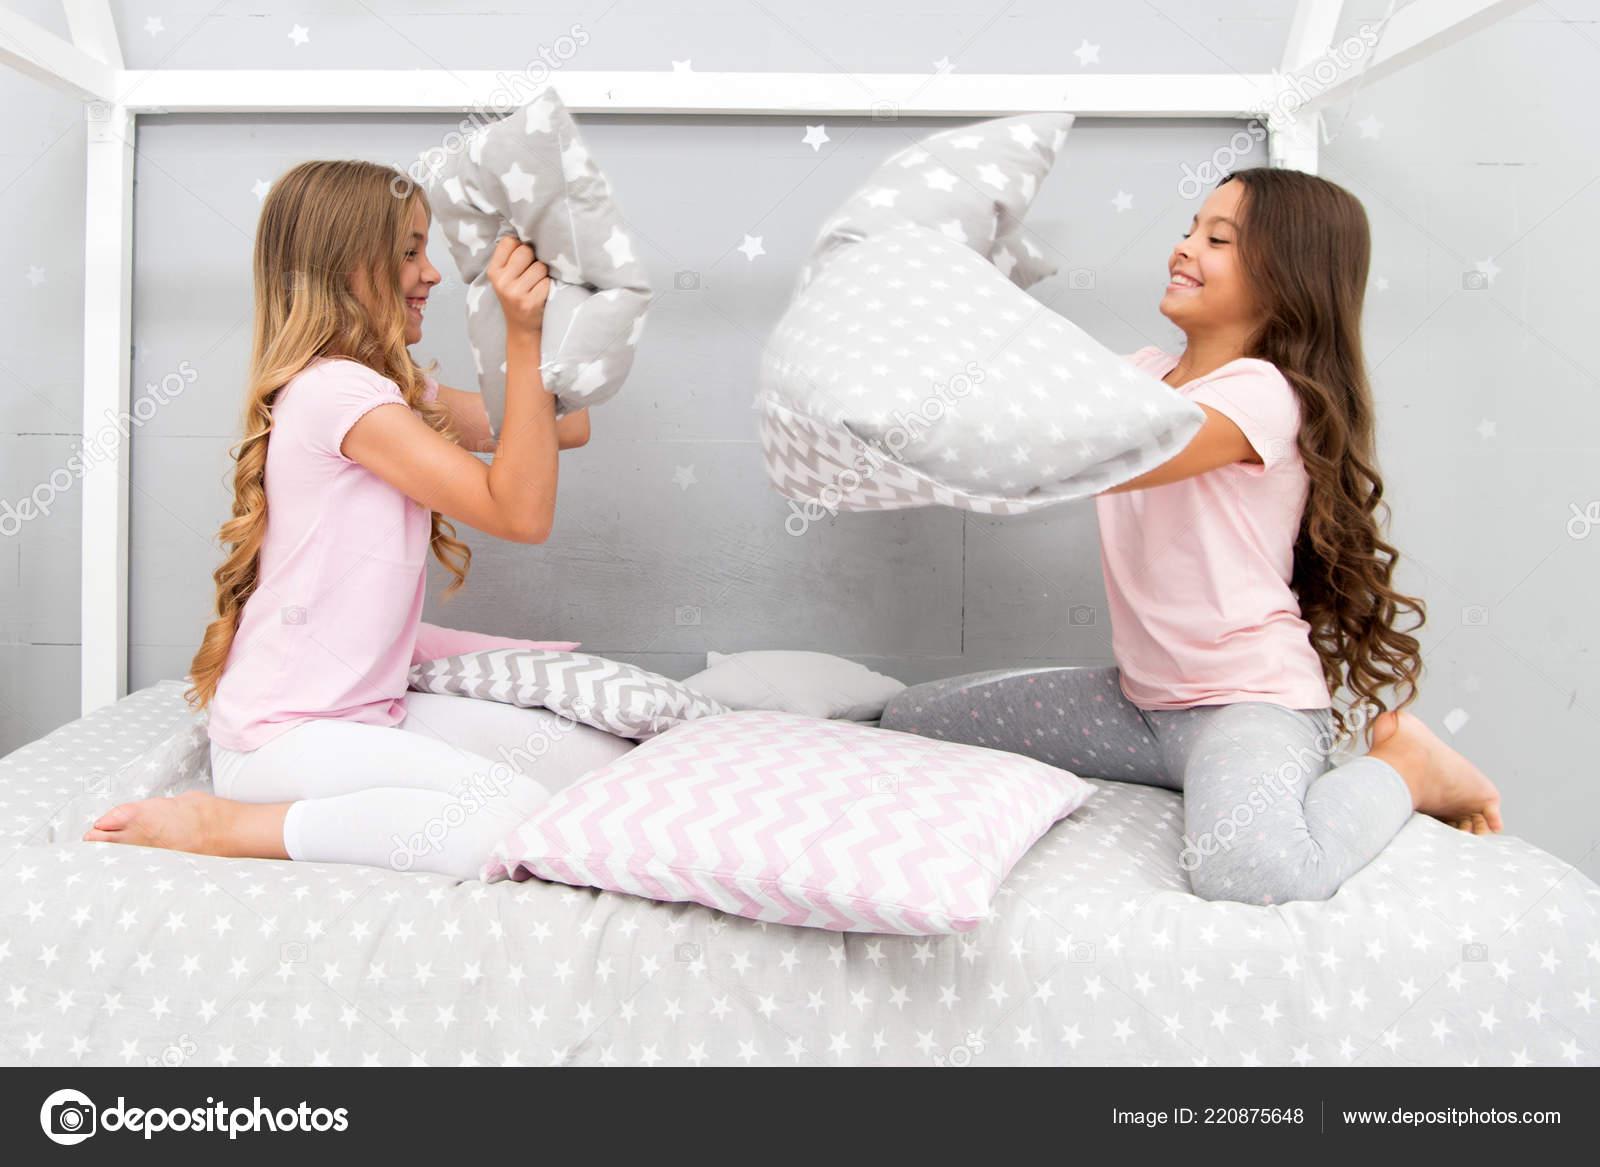 Фото на подушки для девушек